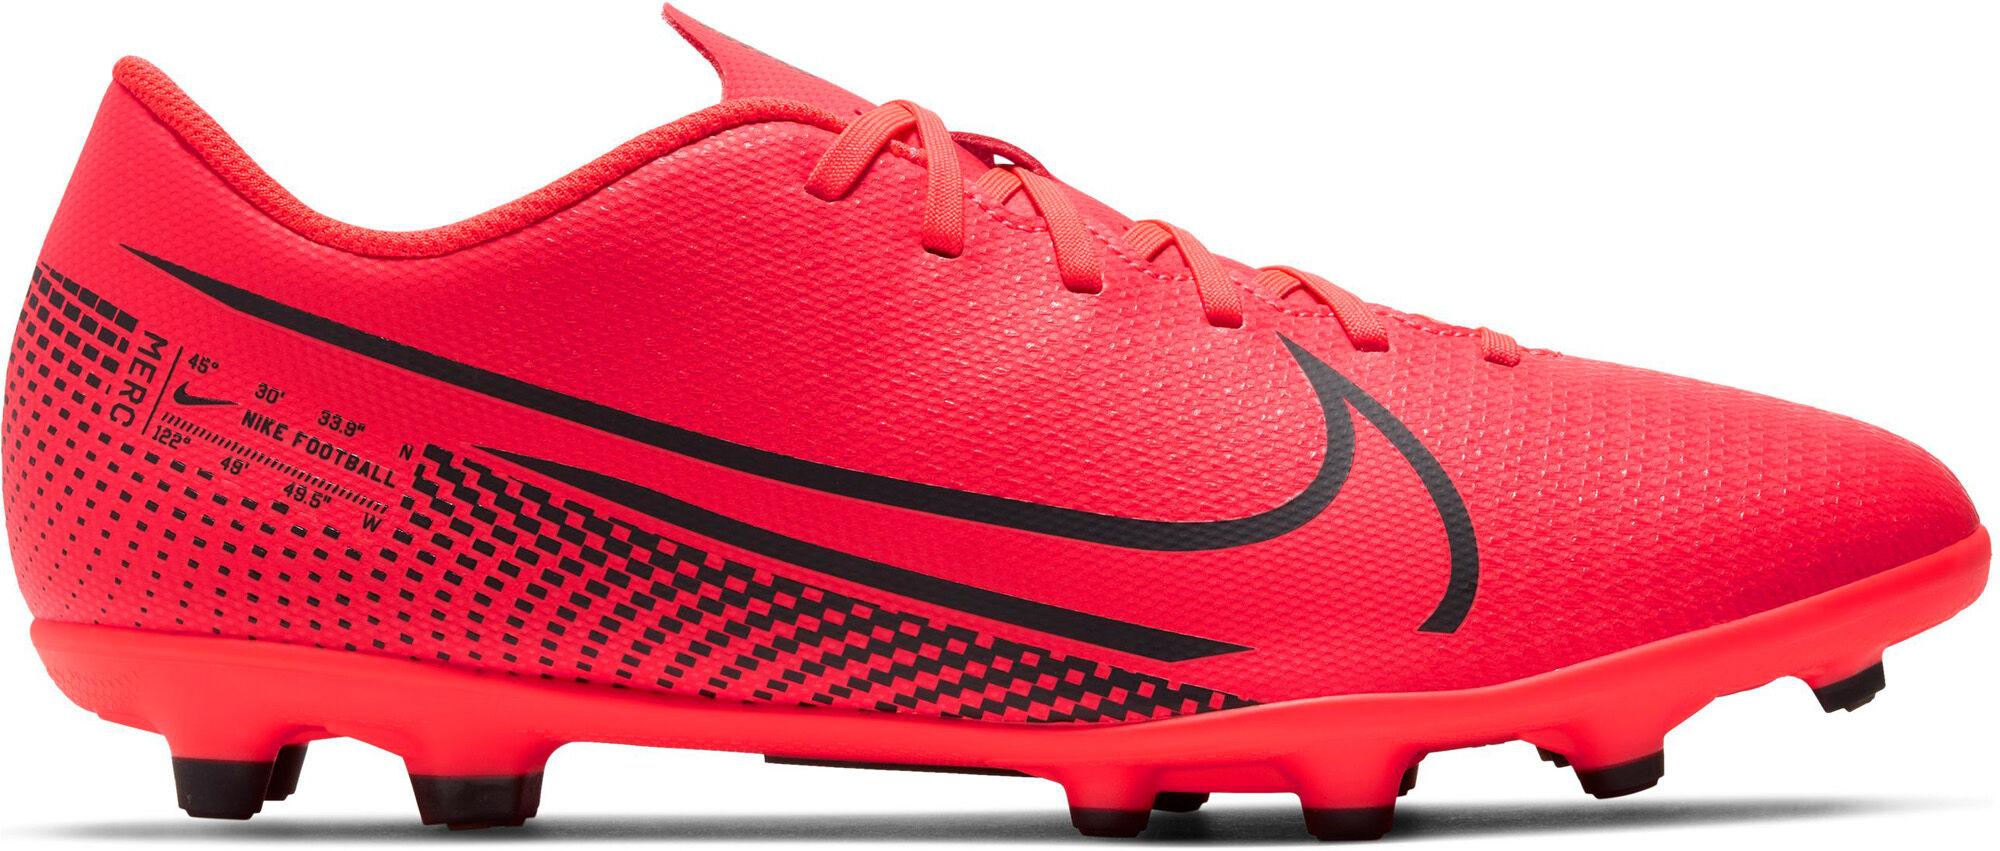 Seneste Nike Mercurial Vapor Xi Cr7 Fg Blå Sportsko Herre Online